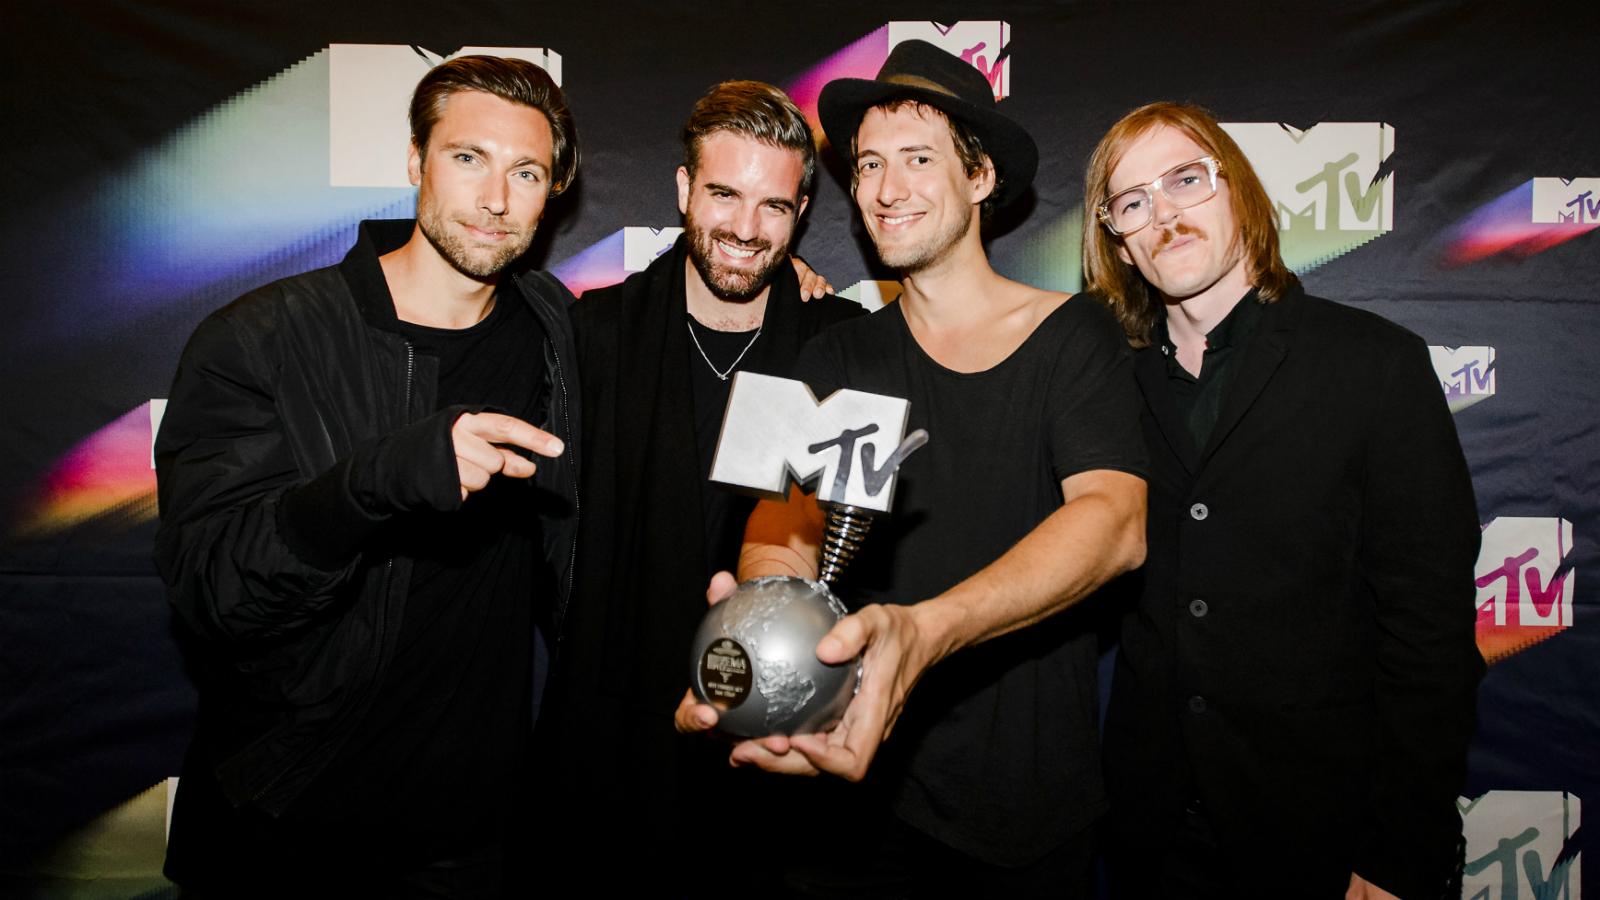 Kensington award thumb